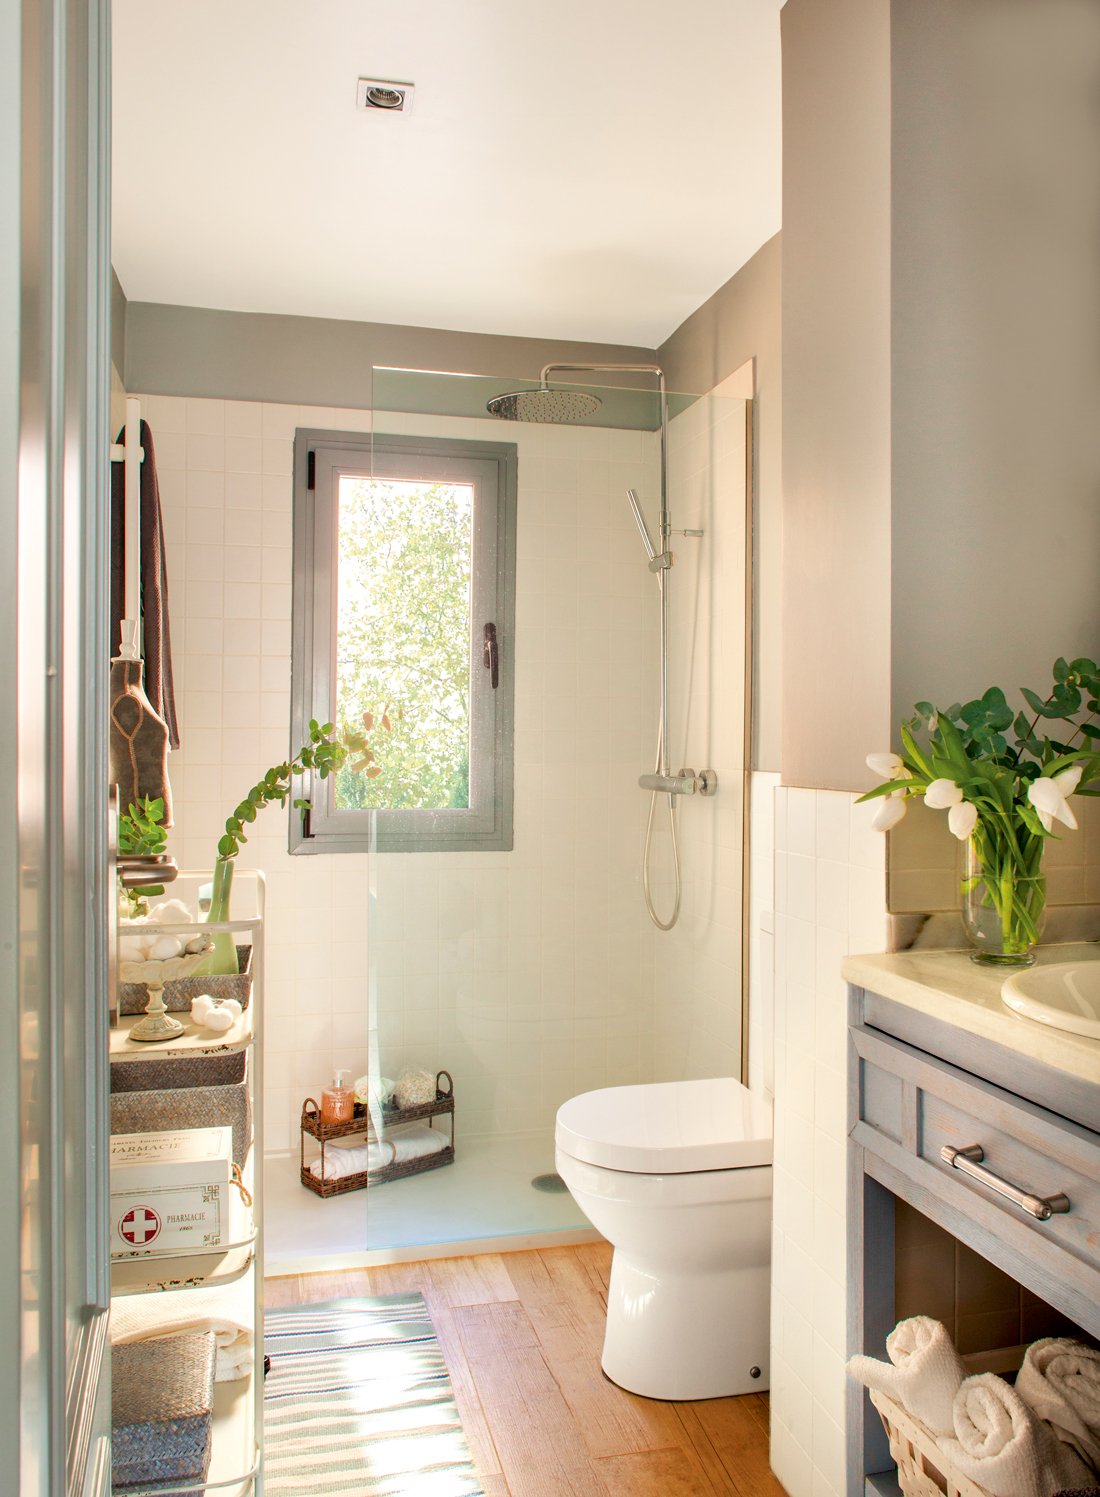 Renueva tu cocina y tu ba o sin grandes obras Azulejos rusticos para interiores